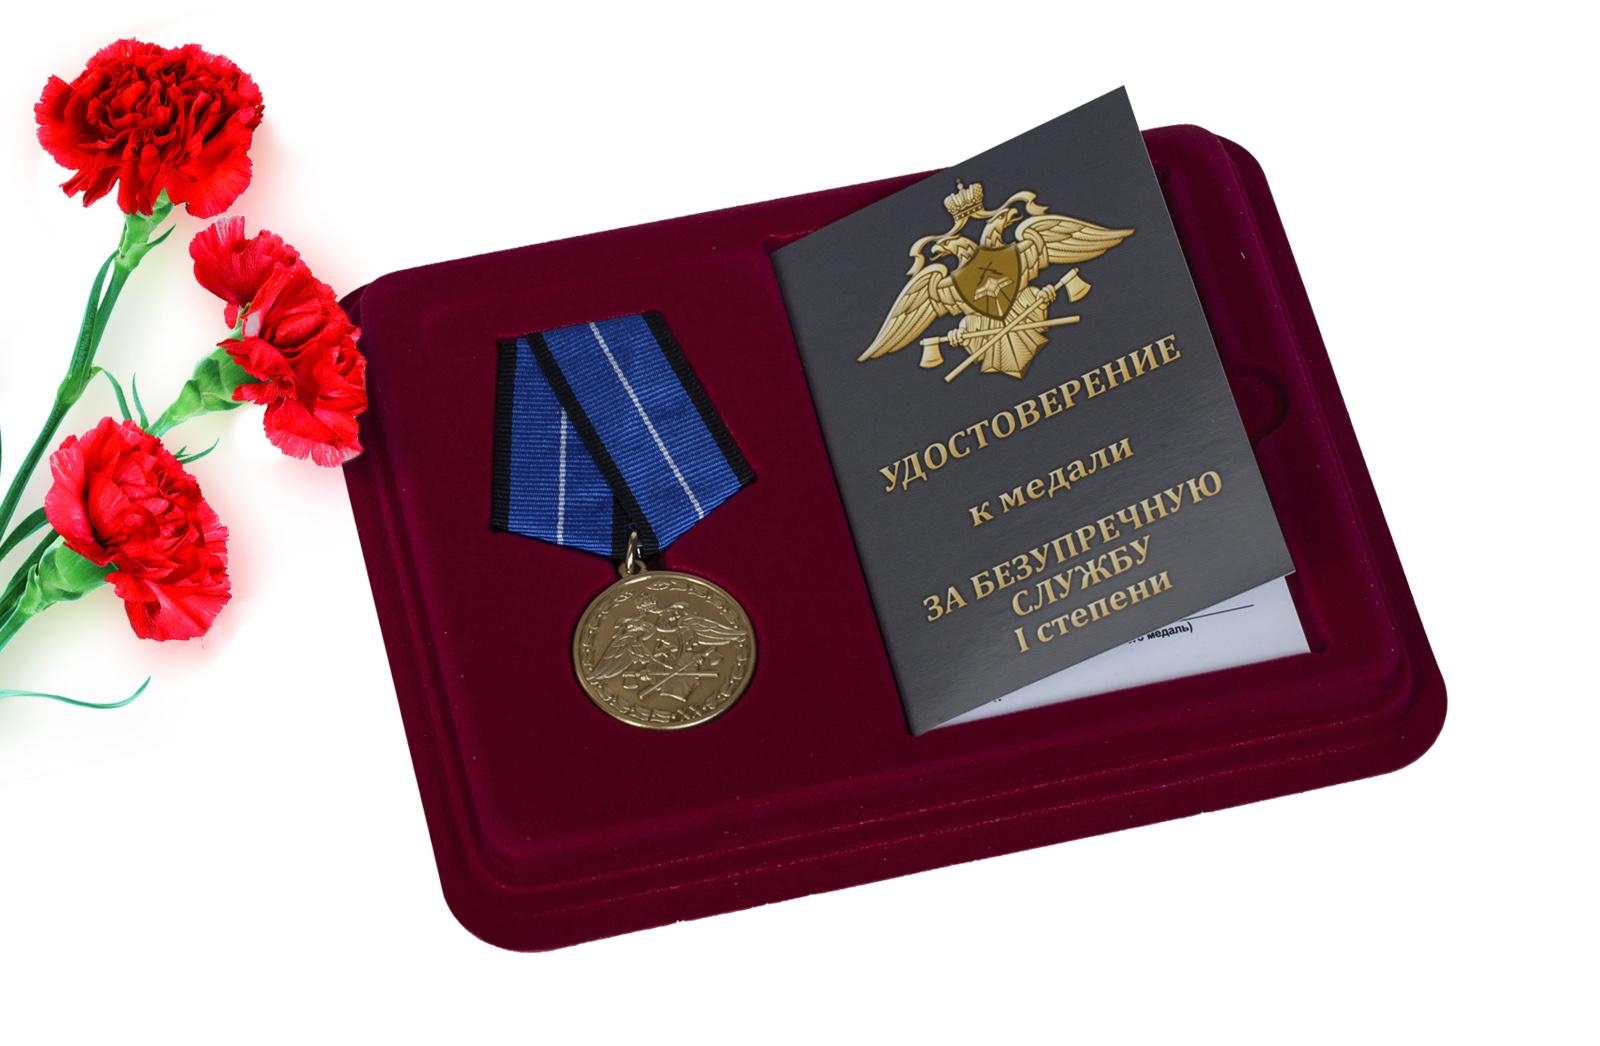 Купить медаль Спецстроя За безупречную службу 1 степени онлайн с доставкой